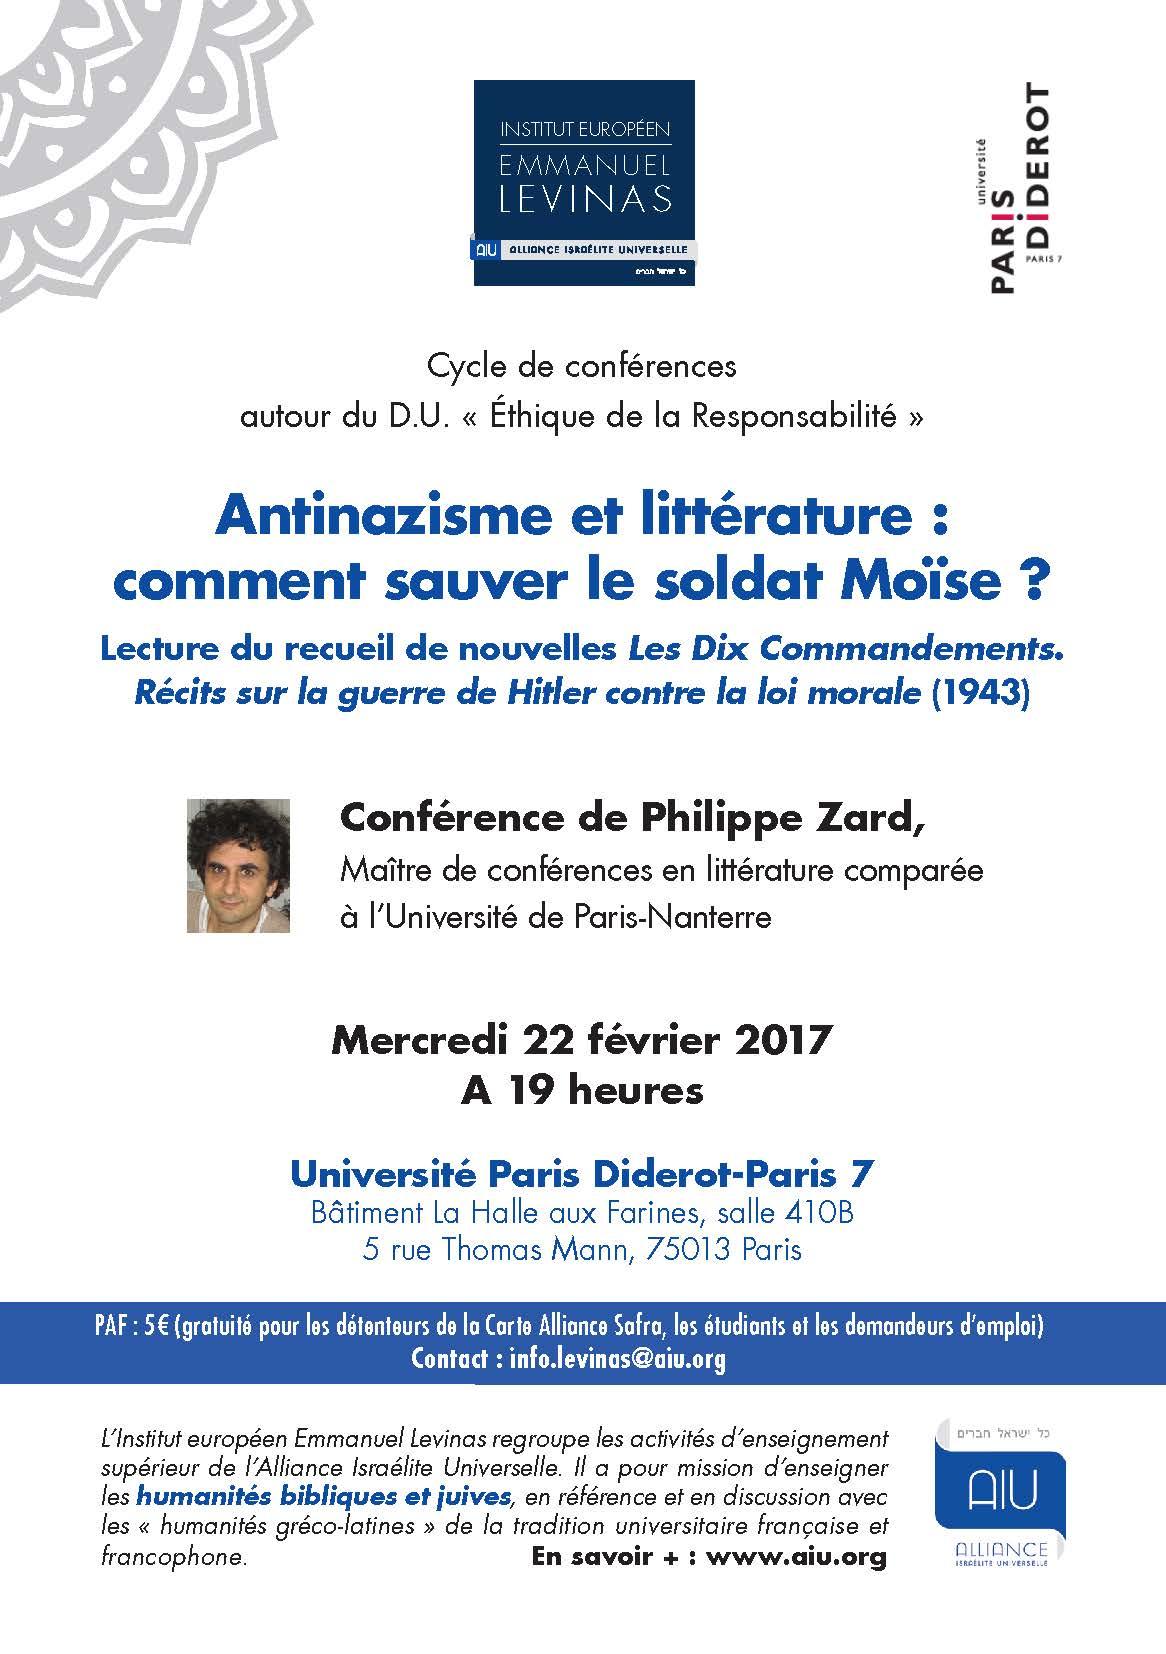 Antinazisme et littérature : comment sauver le soldat Moïse ? Avec Philippe Zard